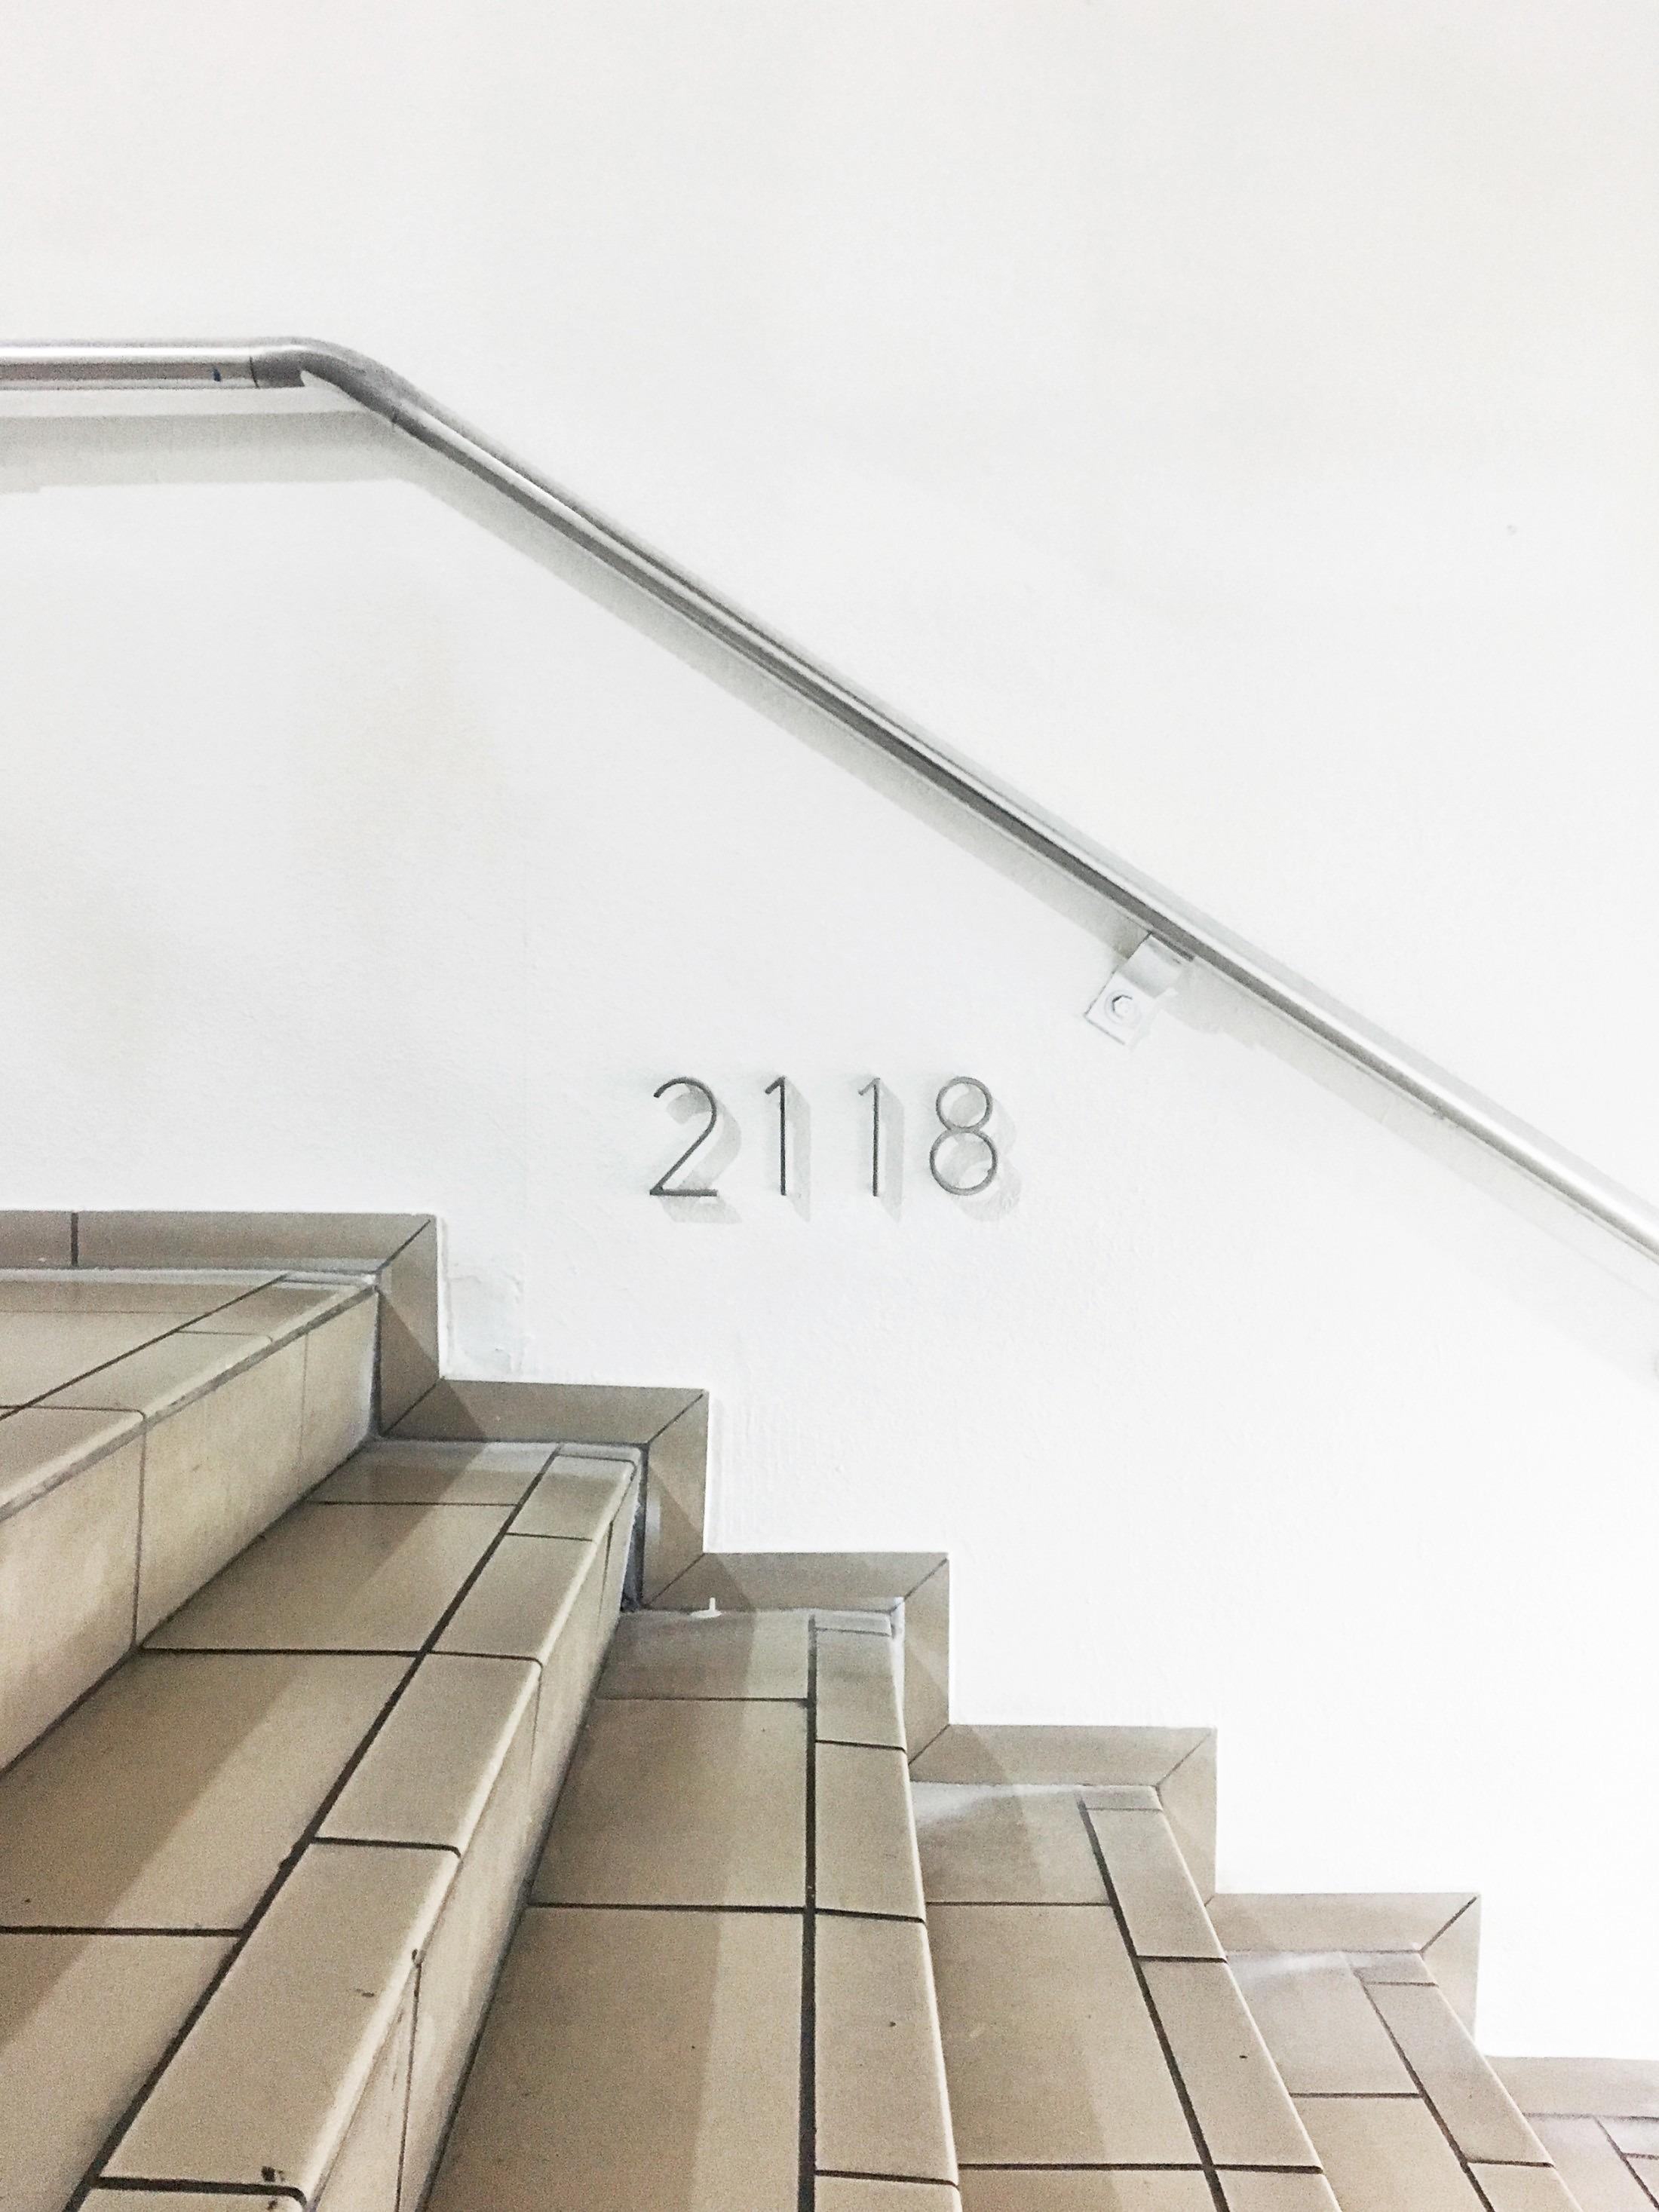 20 ft above sea level, progressive model 777 International Mall, Miami, FL 2018